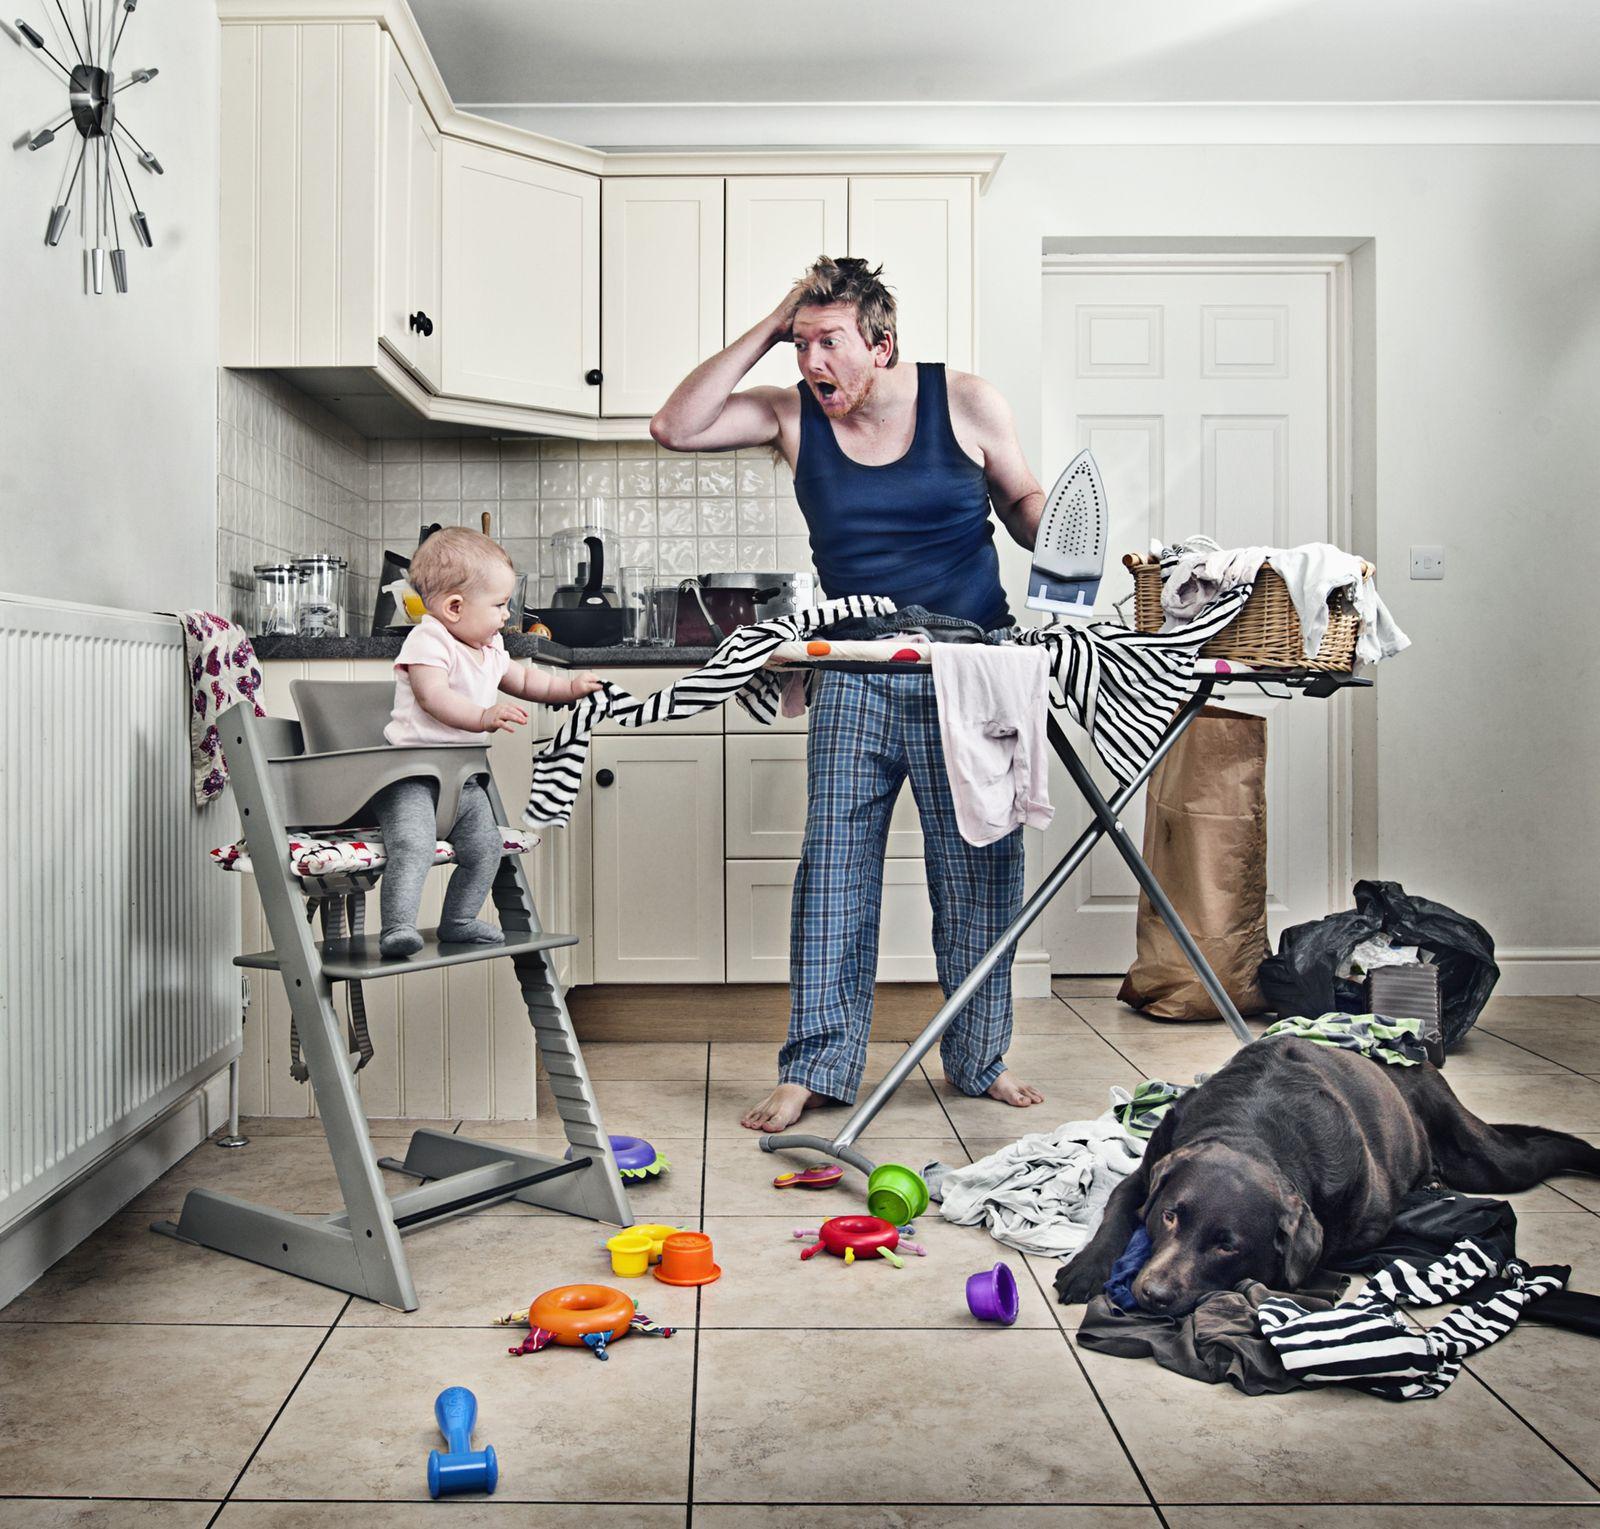 NICHT MEHR VERWENDEN! - Vater / Kinder / Familie